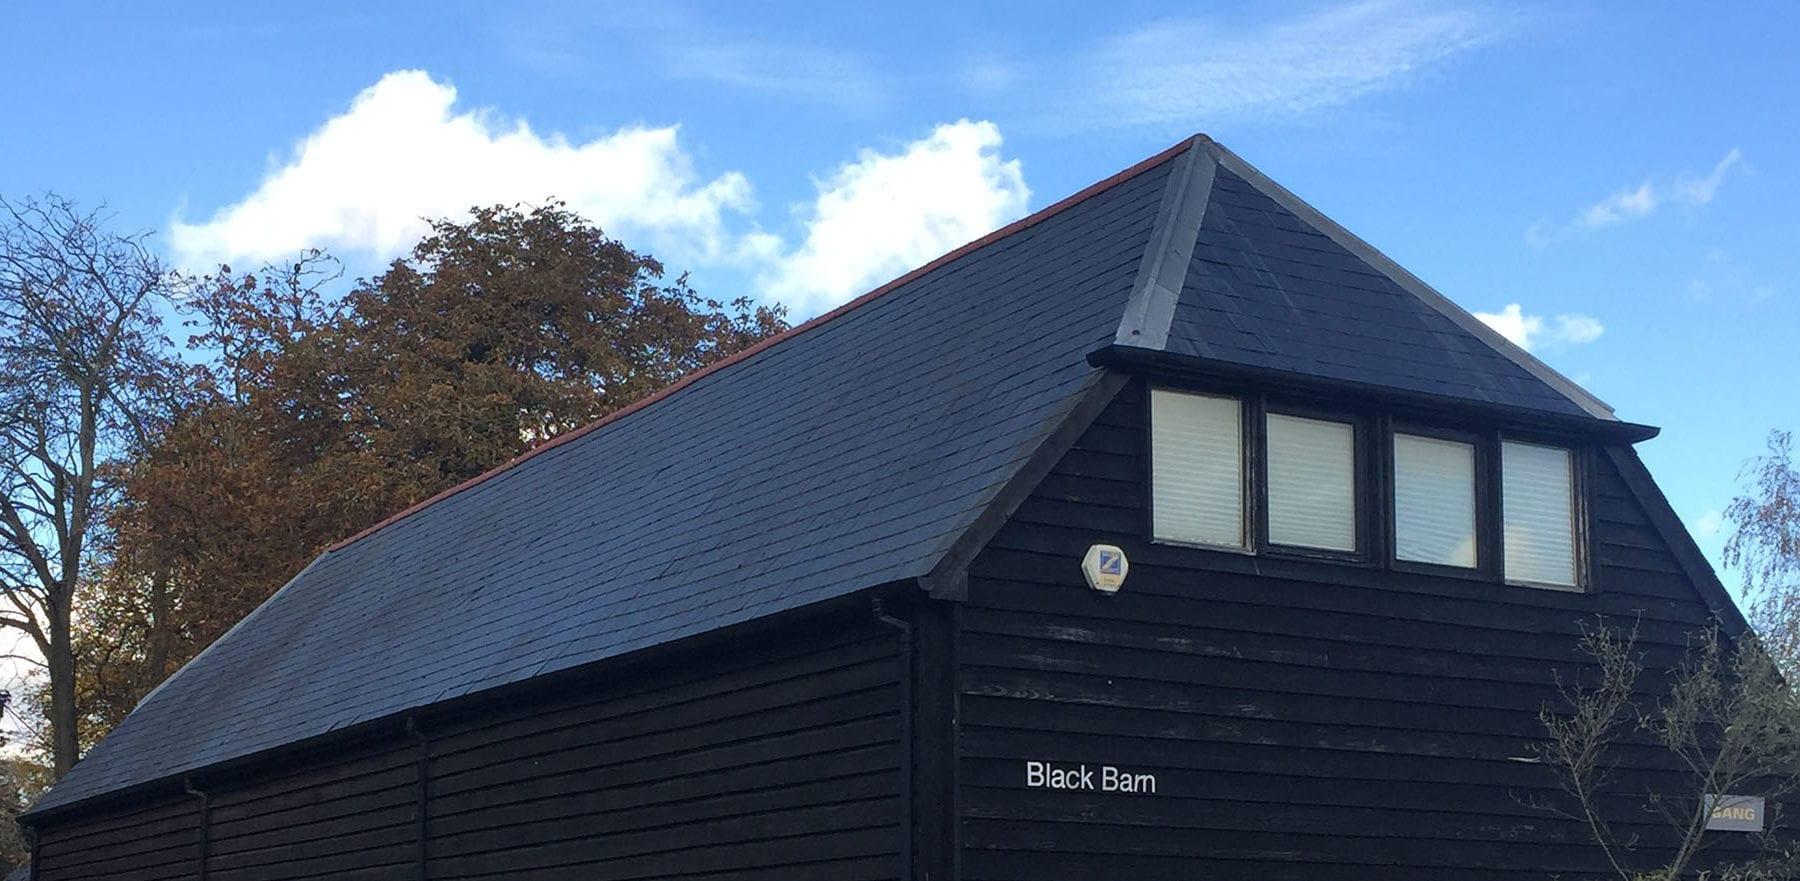 Lifestiles - Spanish Natural Slate Roof Tiles - Black Barn, England 4